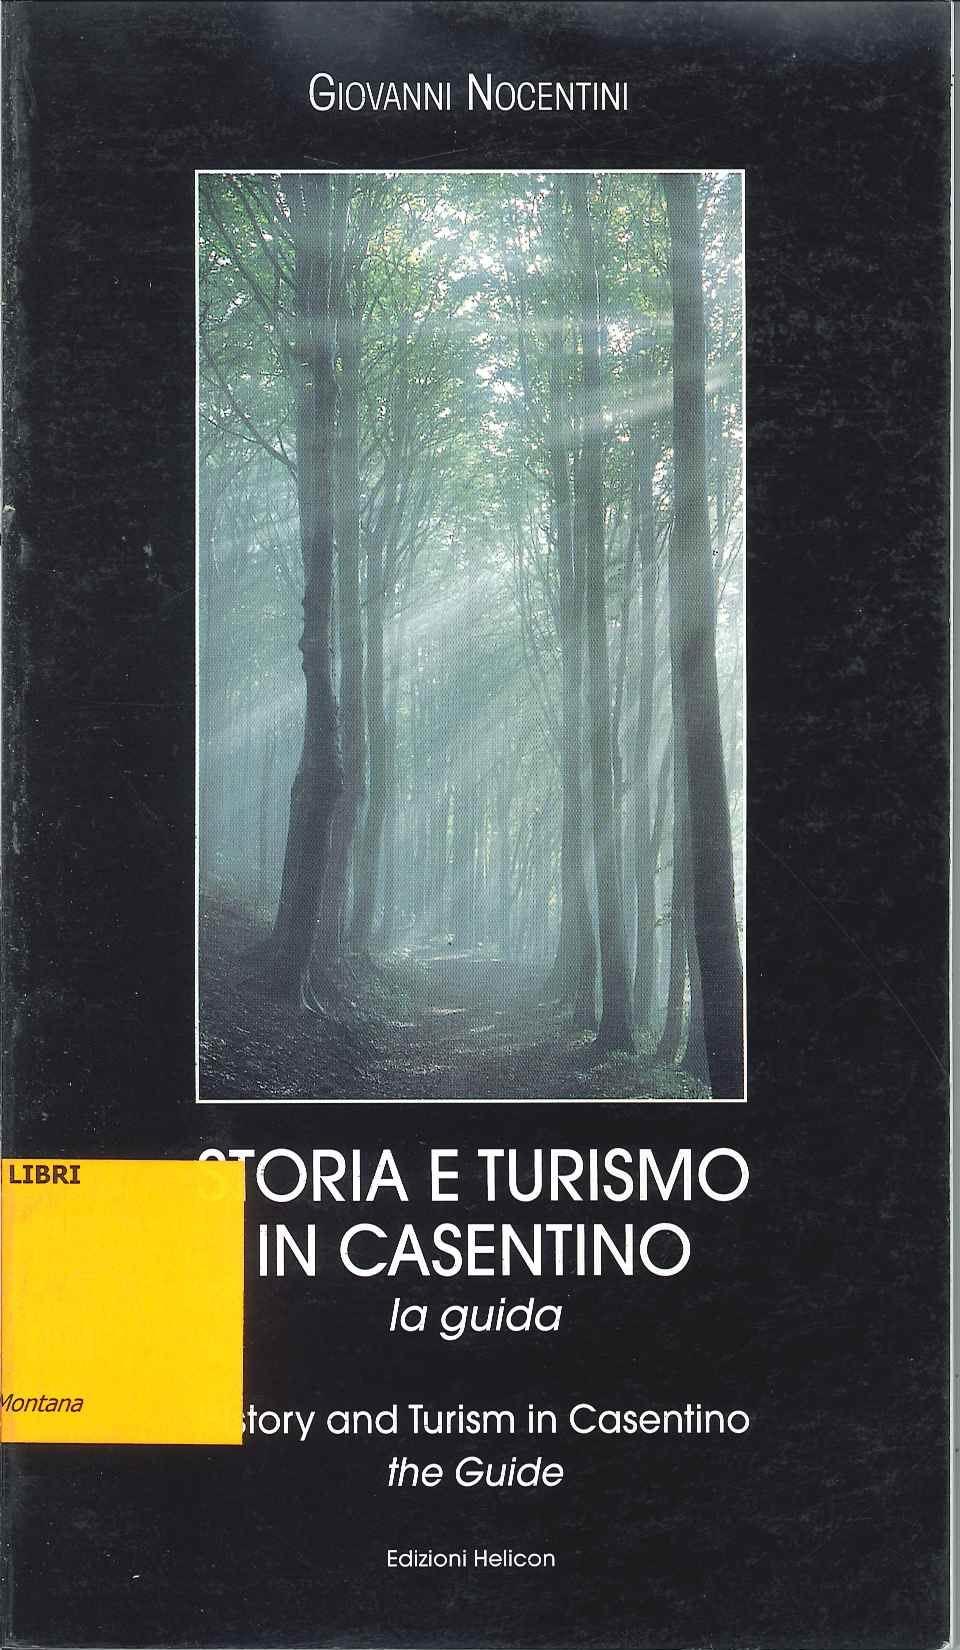 Storia e turismo in Casentino - History and Turism in Casentino